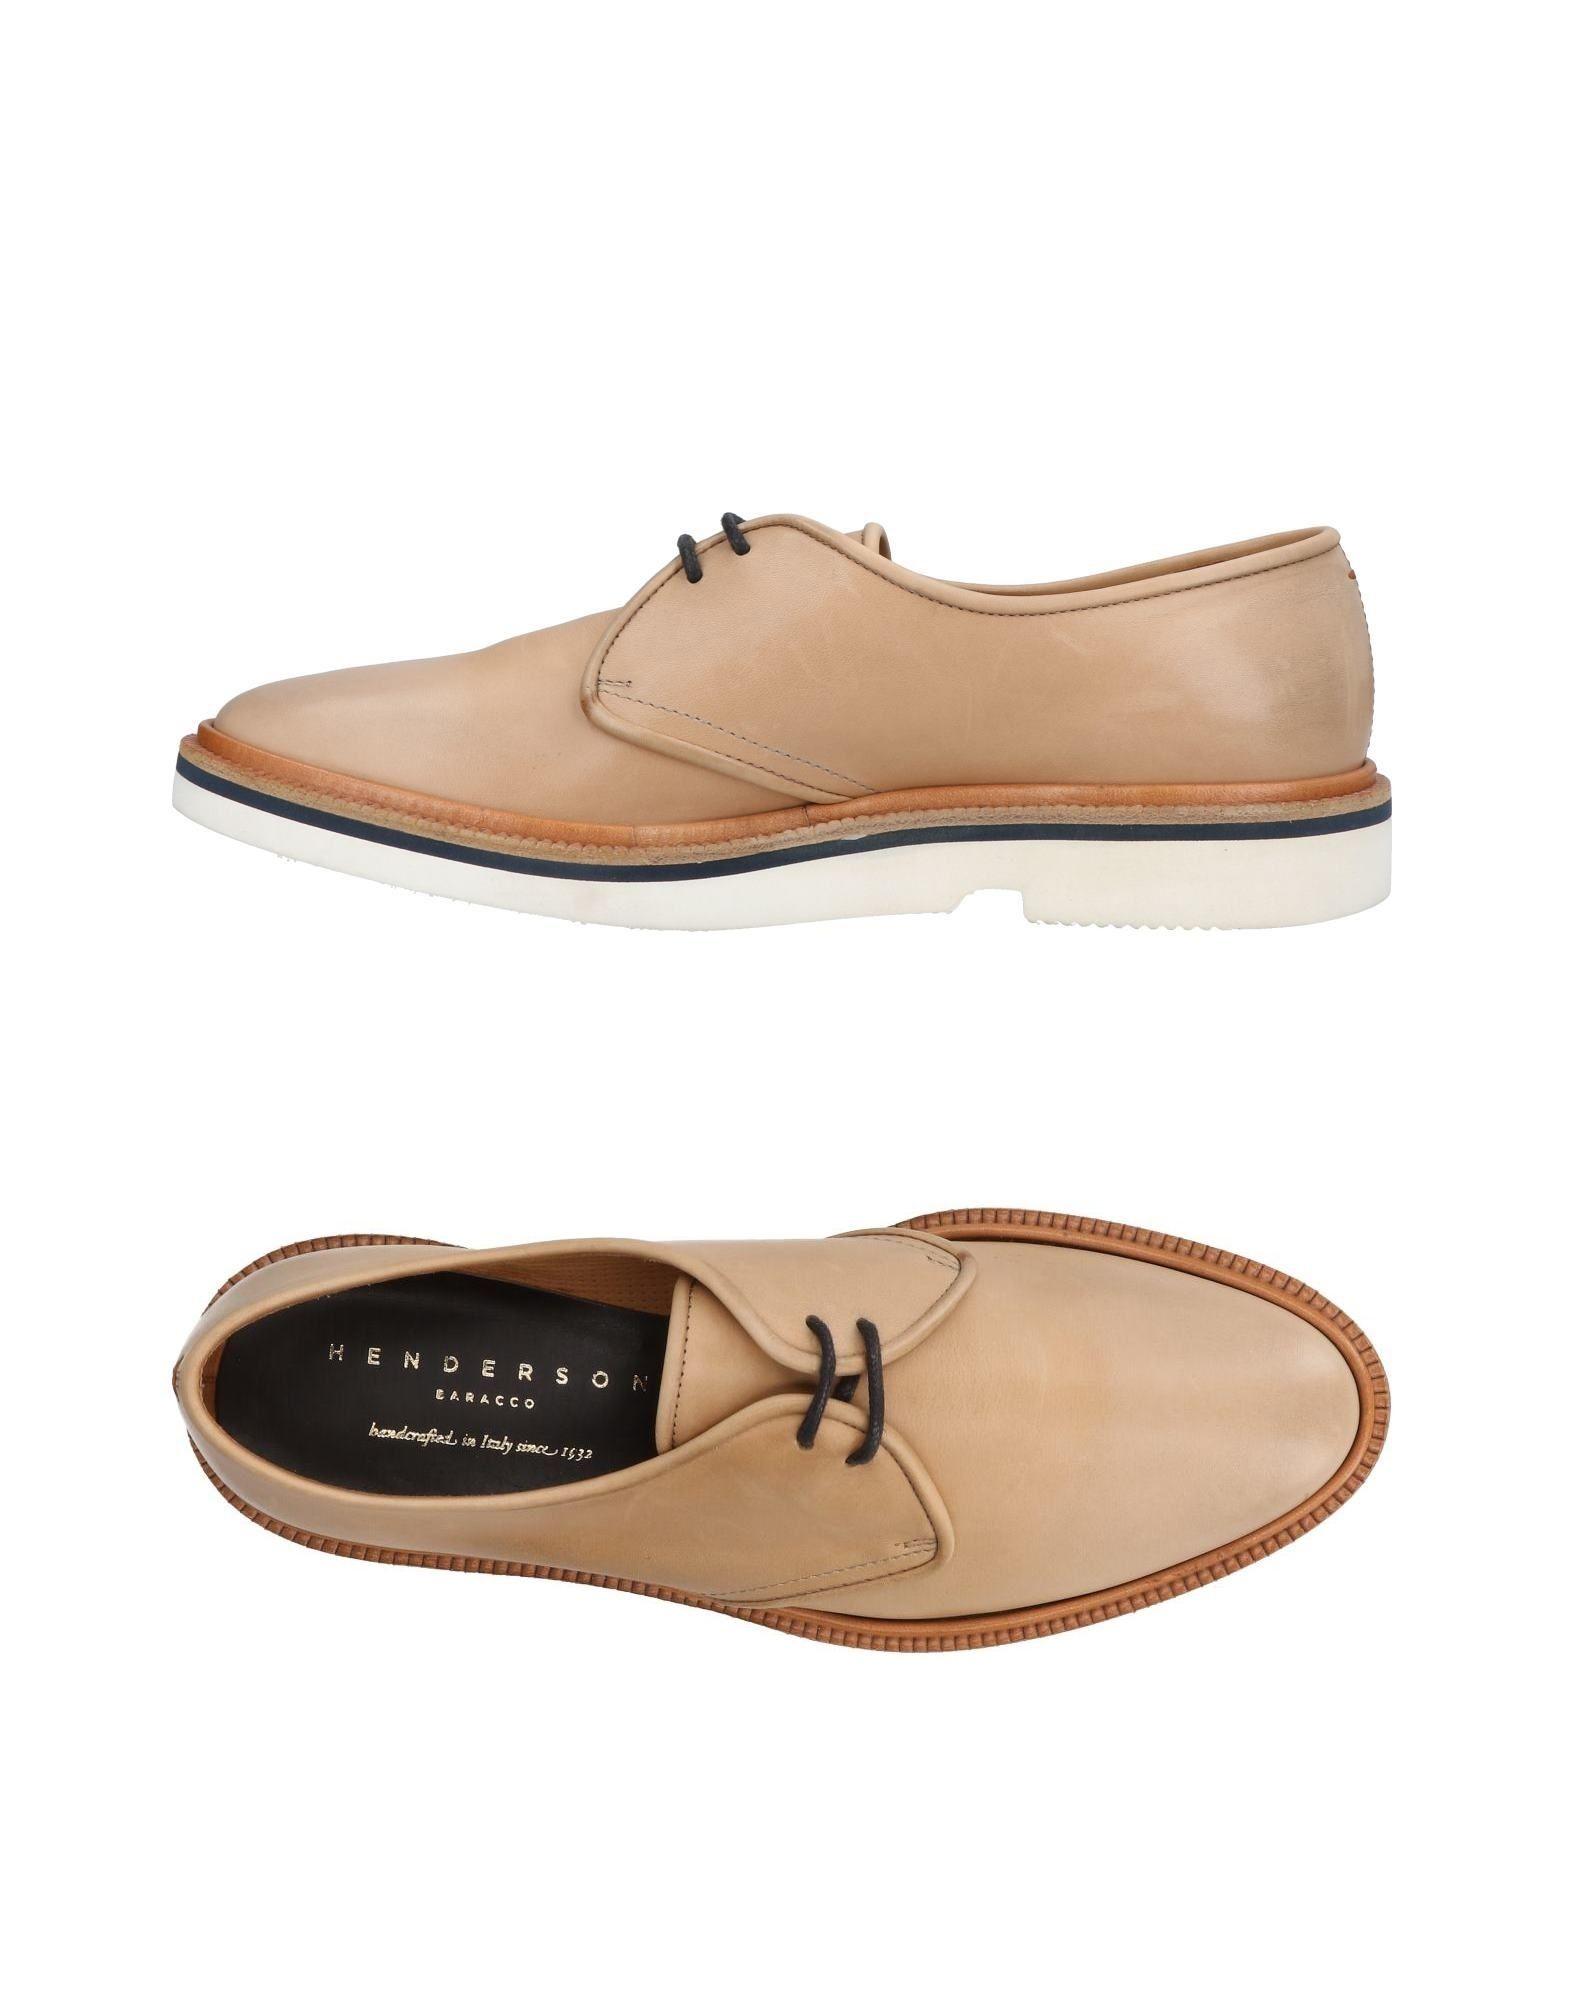 Henderson Schnürschuhe Herren  11452433AK Gute Qualität beliebte Schuhe